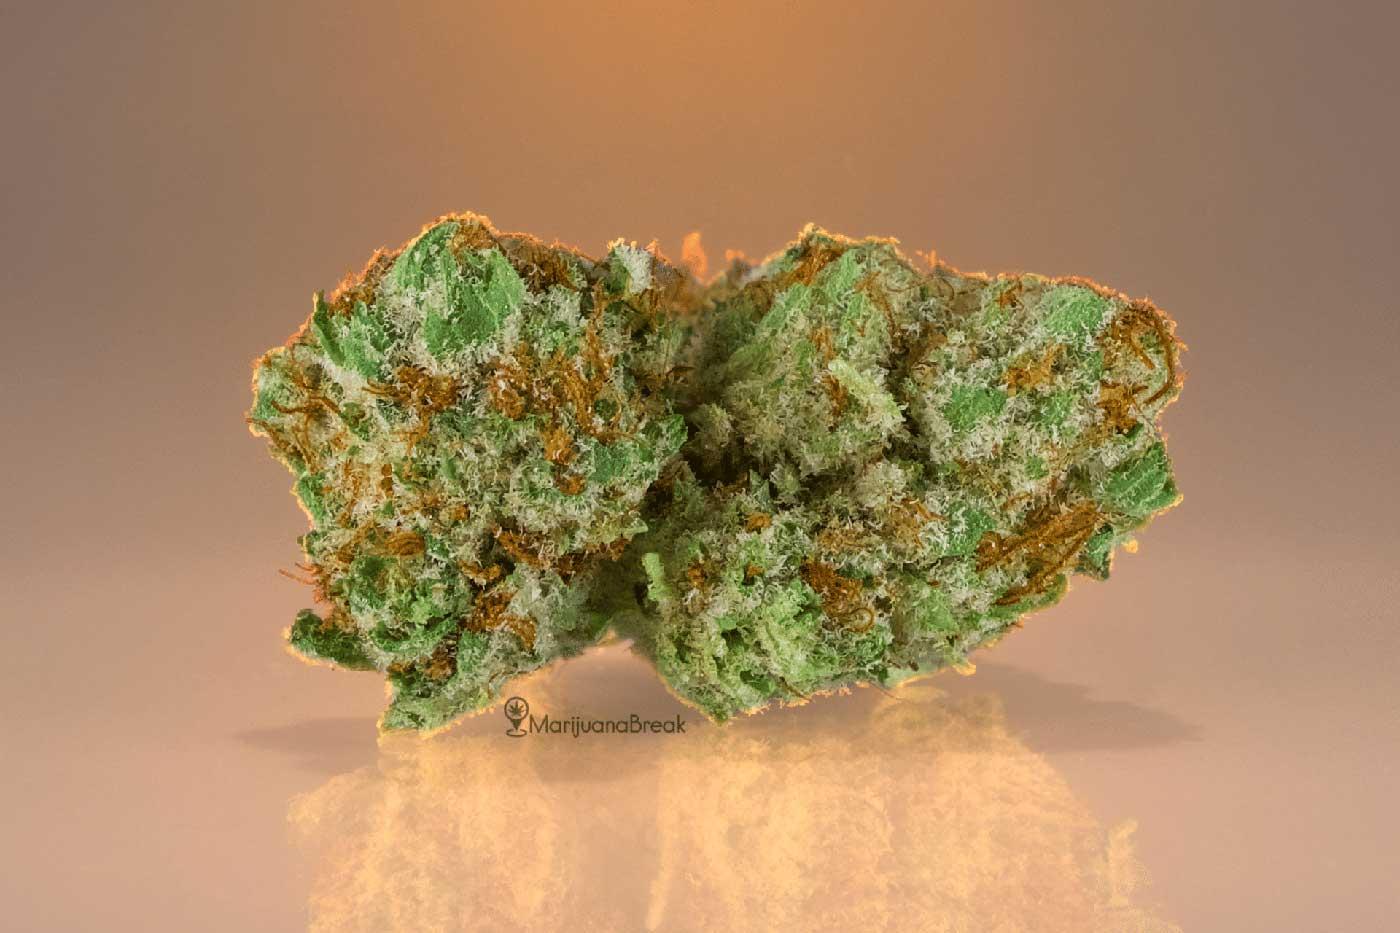 og kush cannabis strain